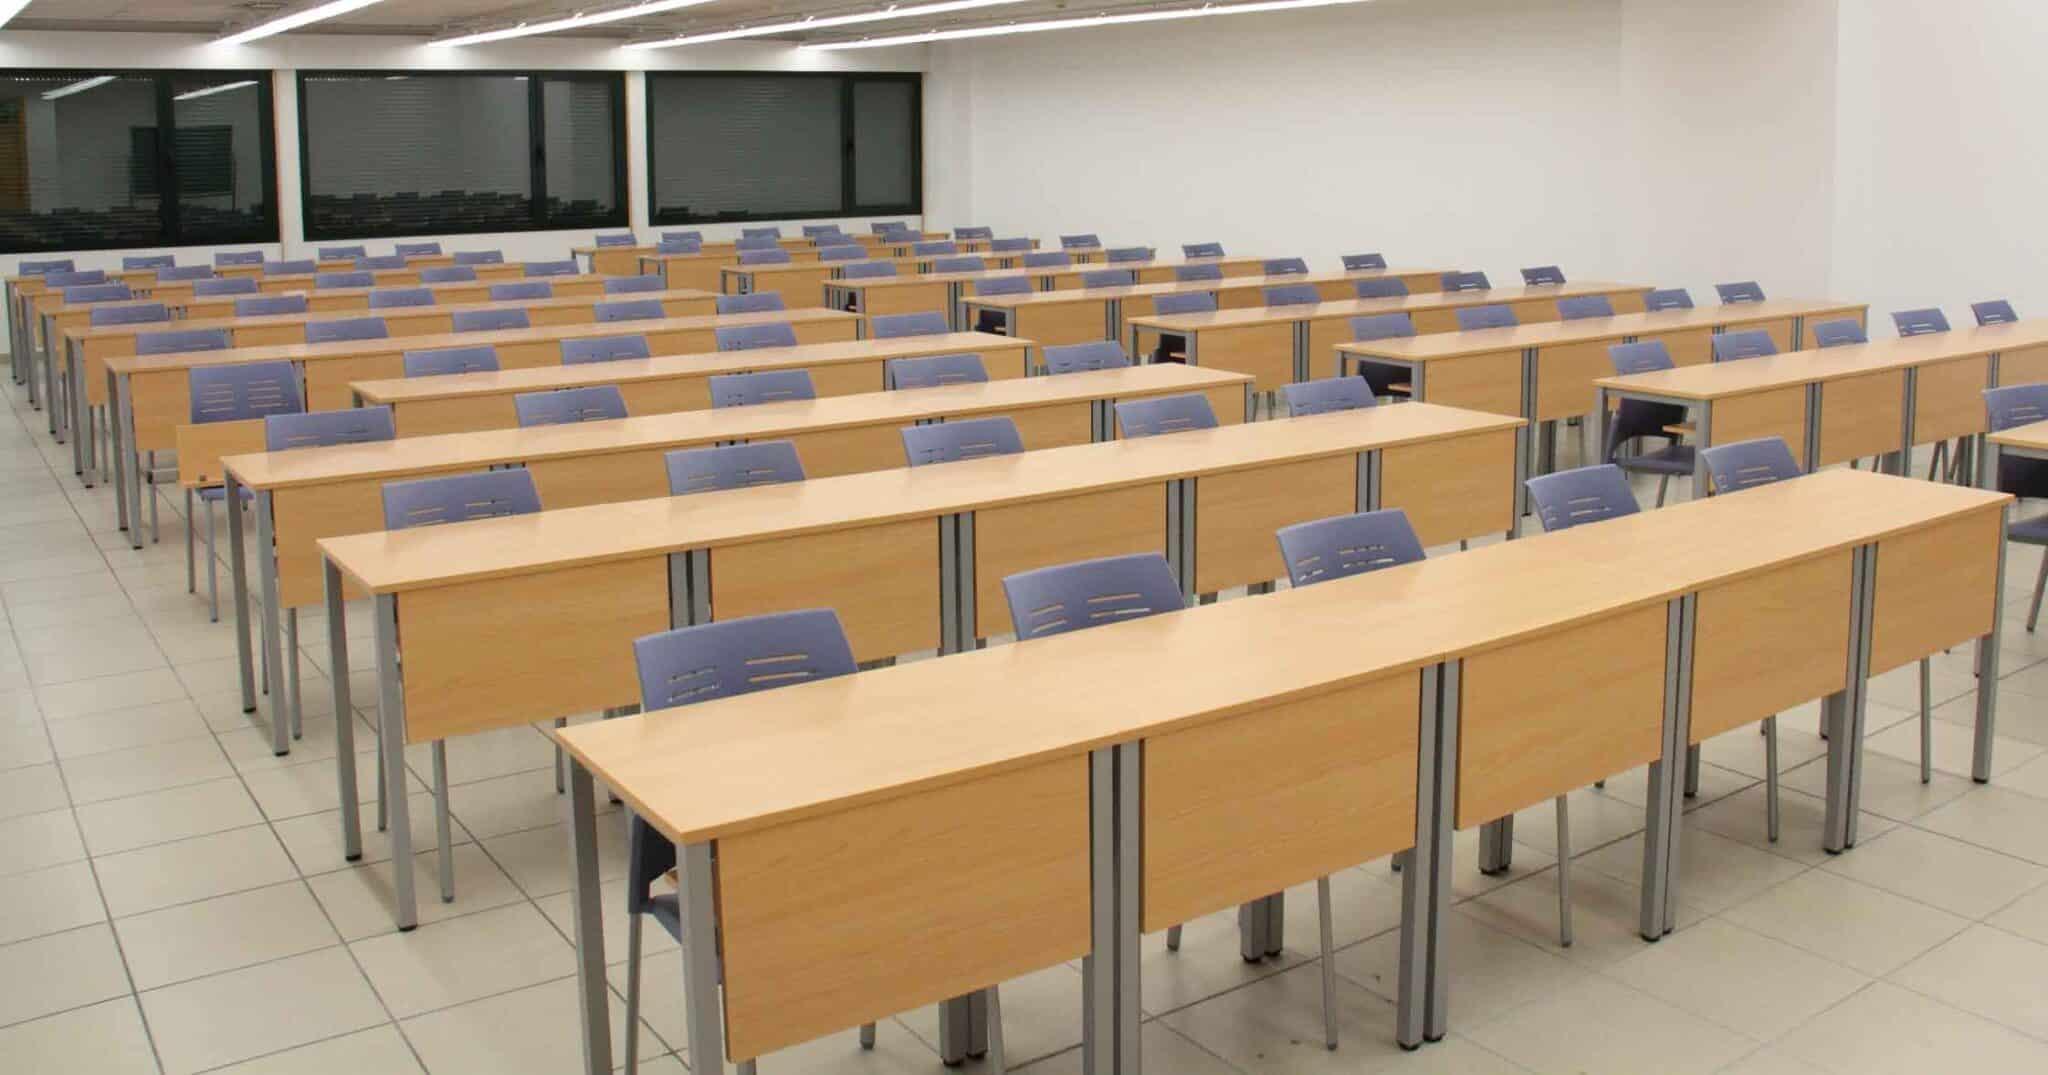 Equipamiento escolar UVA Spacio sin pala | Muebles de oficina Spacio